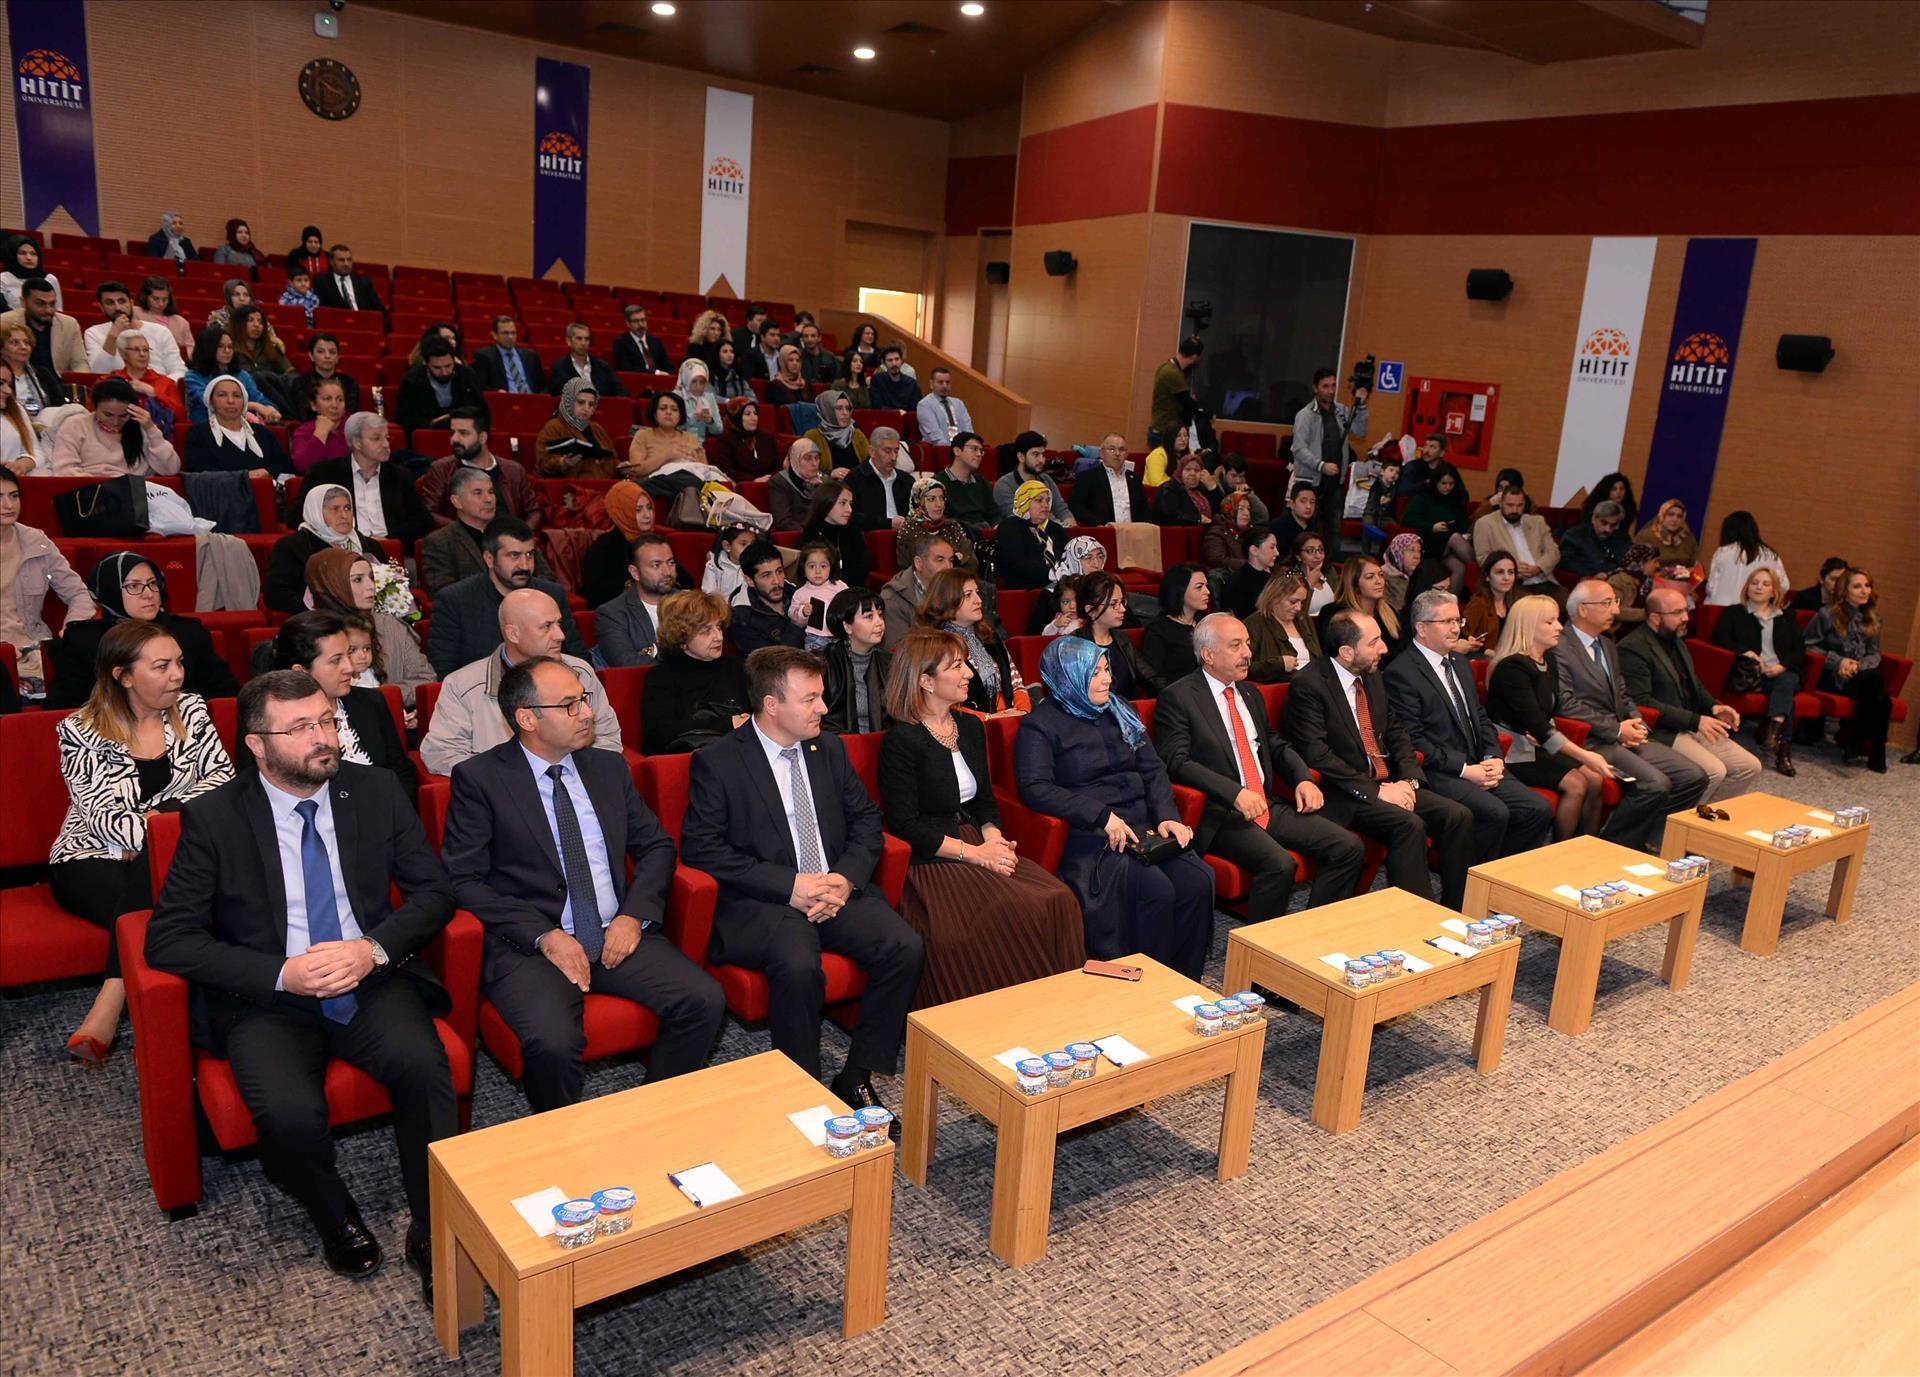 HİTÜ Anne Üniversitesi Mezuniyet Töreni Gerçekleştirildi